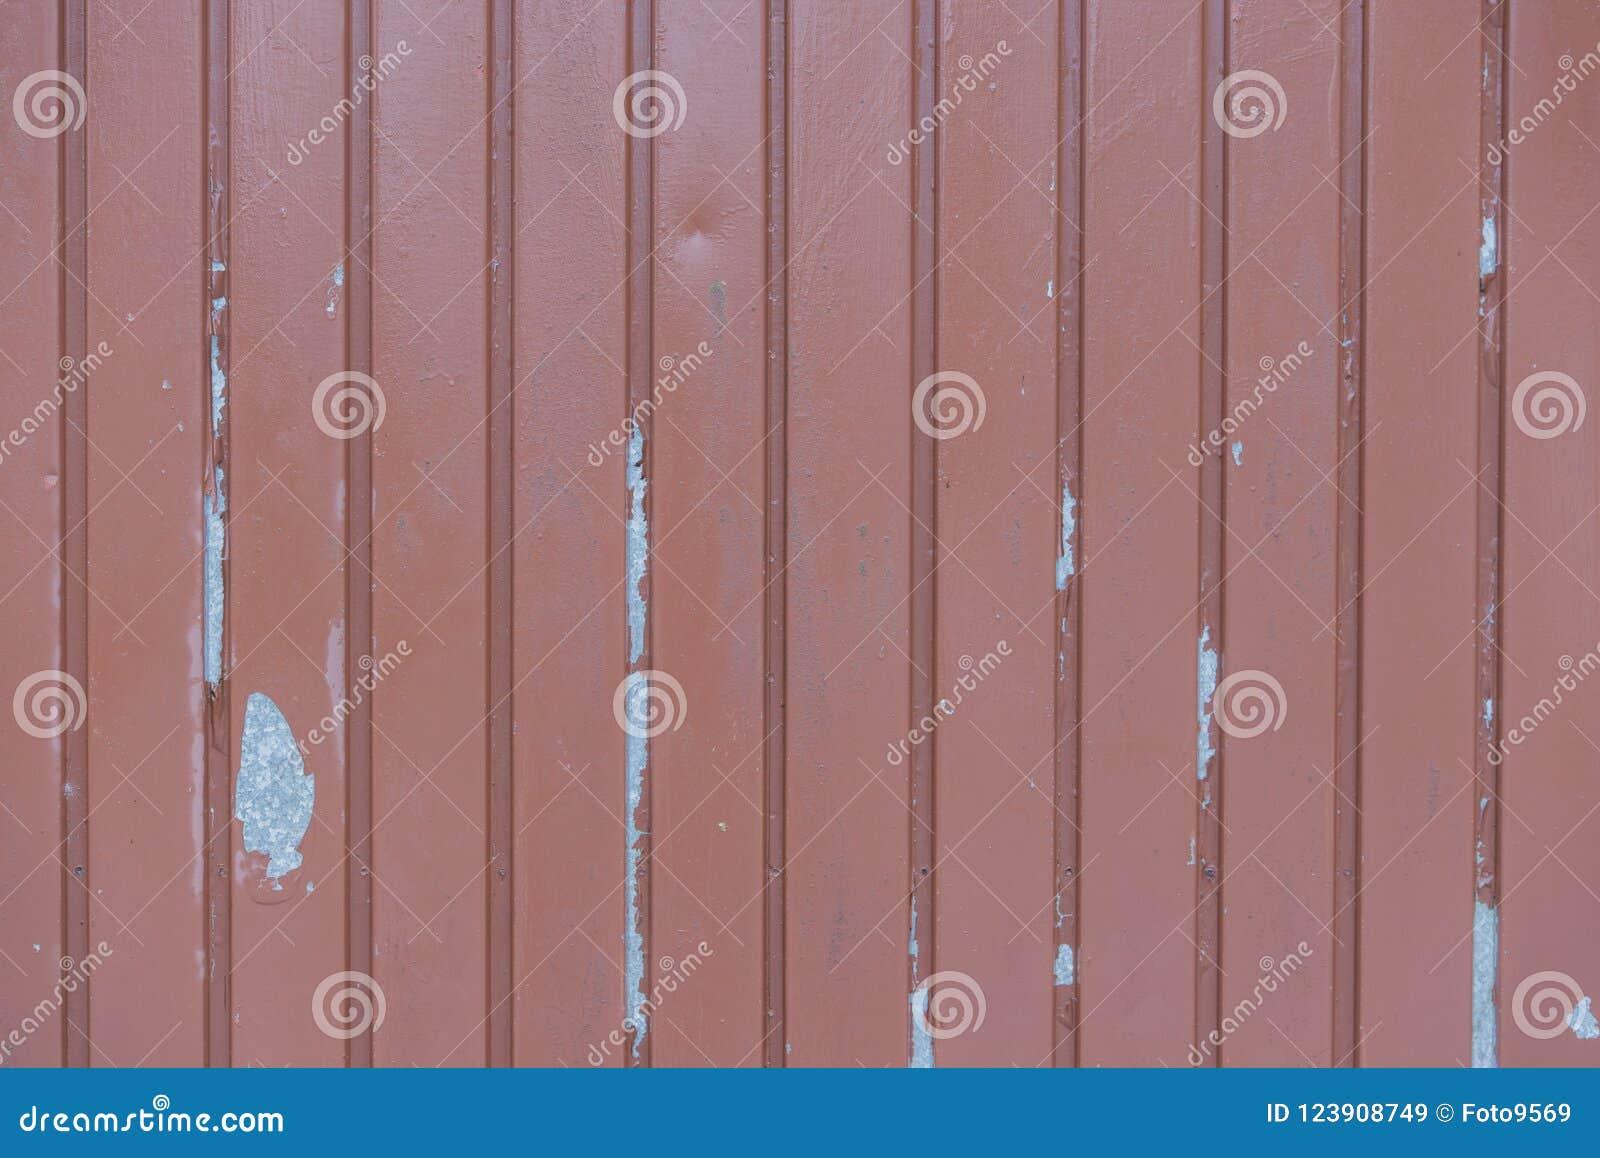 Textura e fundo da parede do ferro para compor